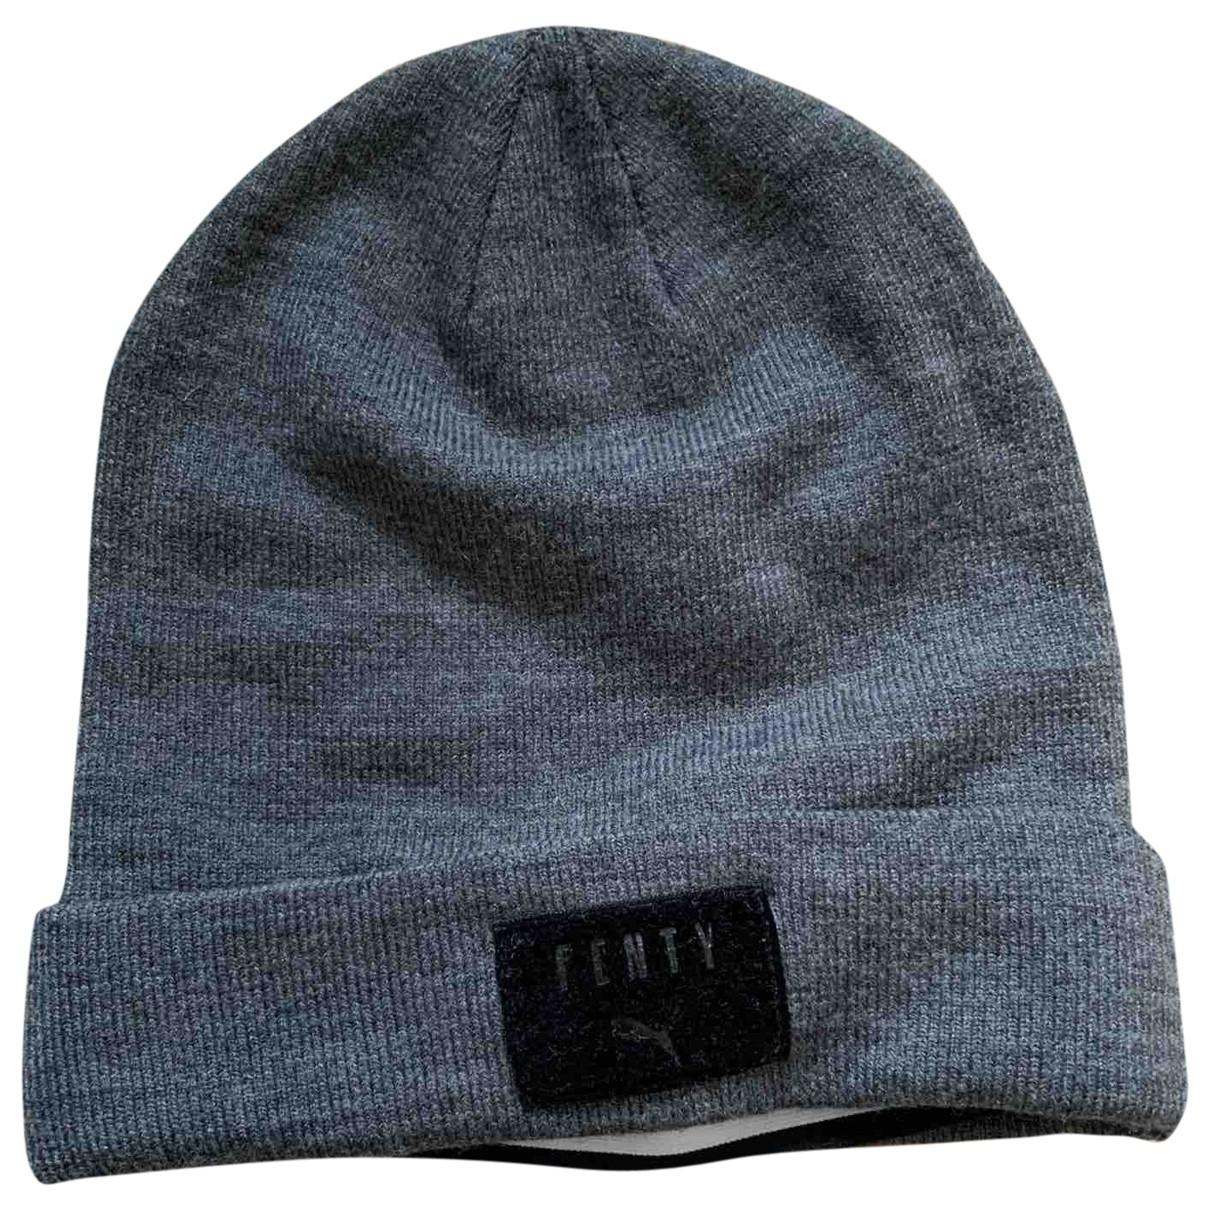 Fenty X Puma \N Grey hat for Women S International